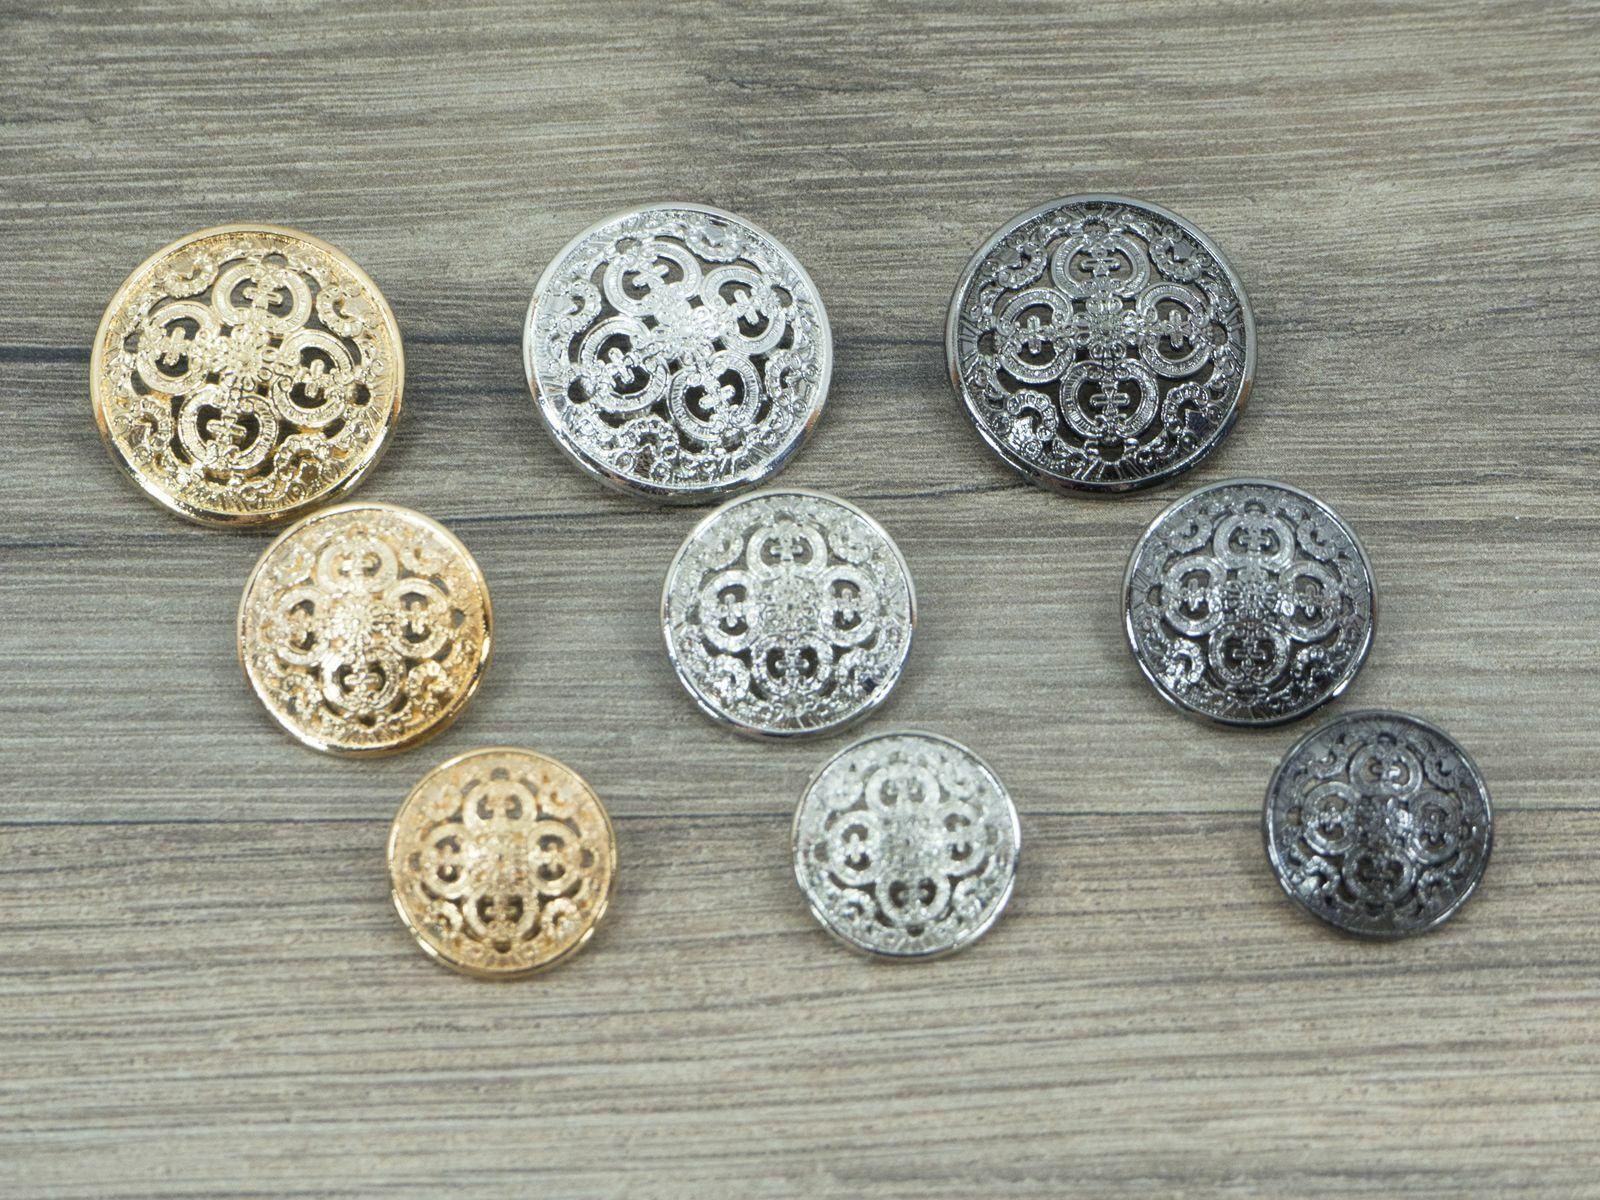 Metallknöpfe Ornament für Uniform, Jacke und Mantel 18 / 20 / 25mm Knopf mit Öse